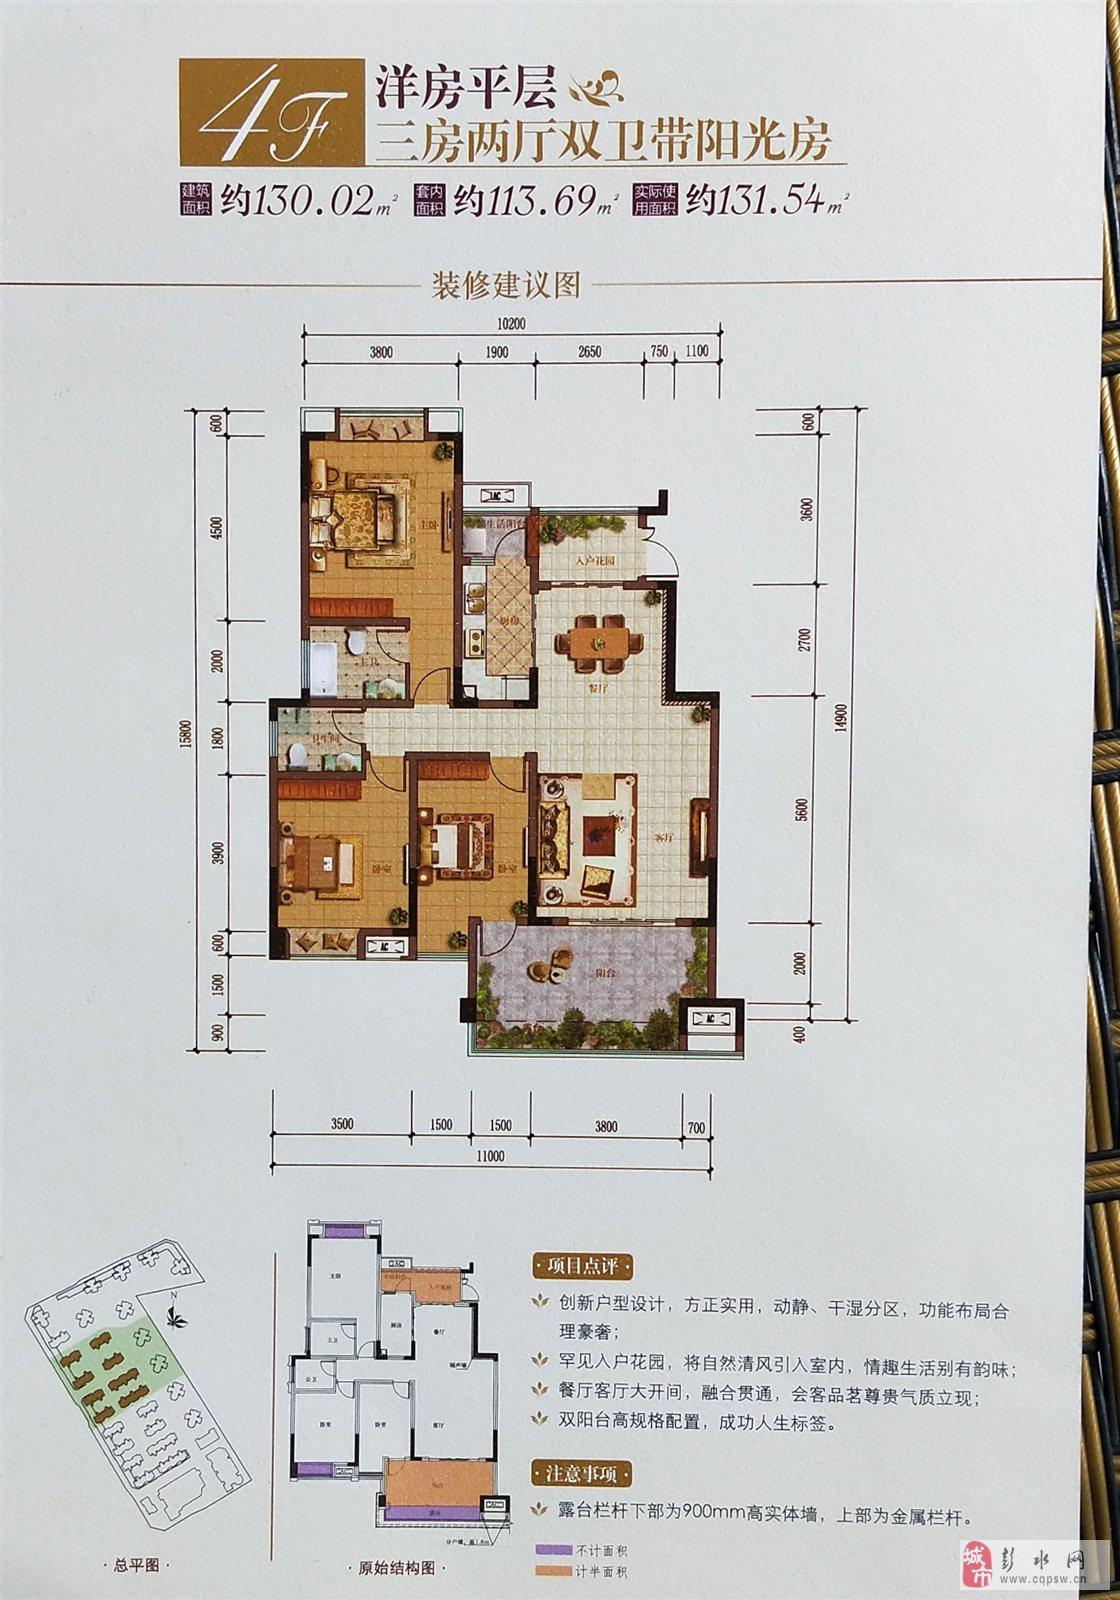 彭水新嶺域3室2厅2卫首付10万起全一手房流程